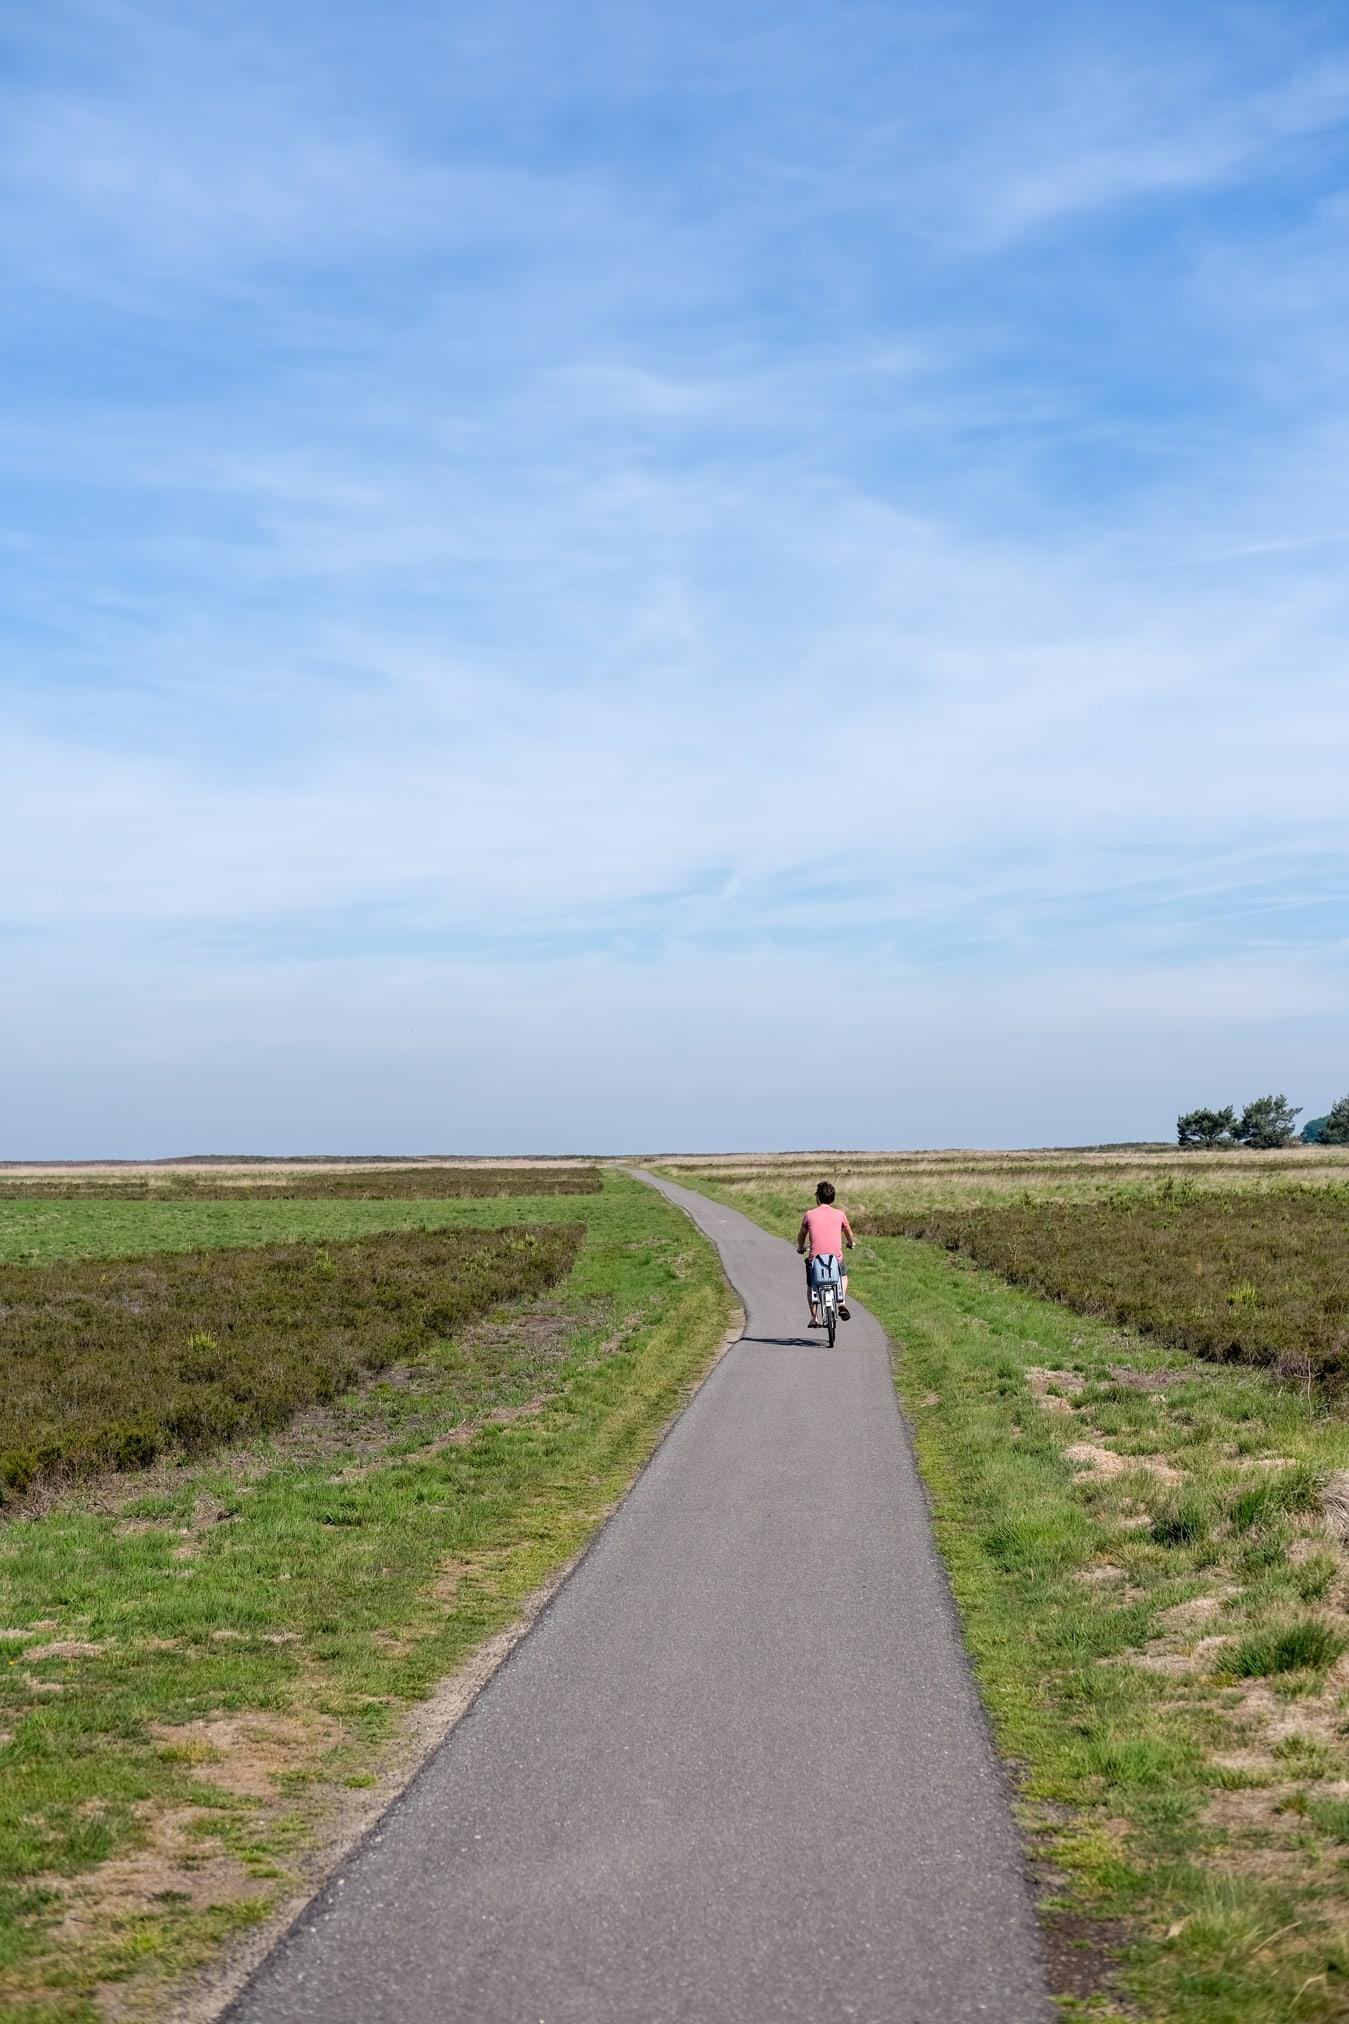 elektrische fietsen voordelen